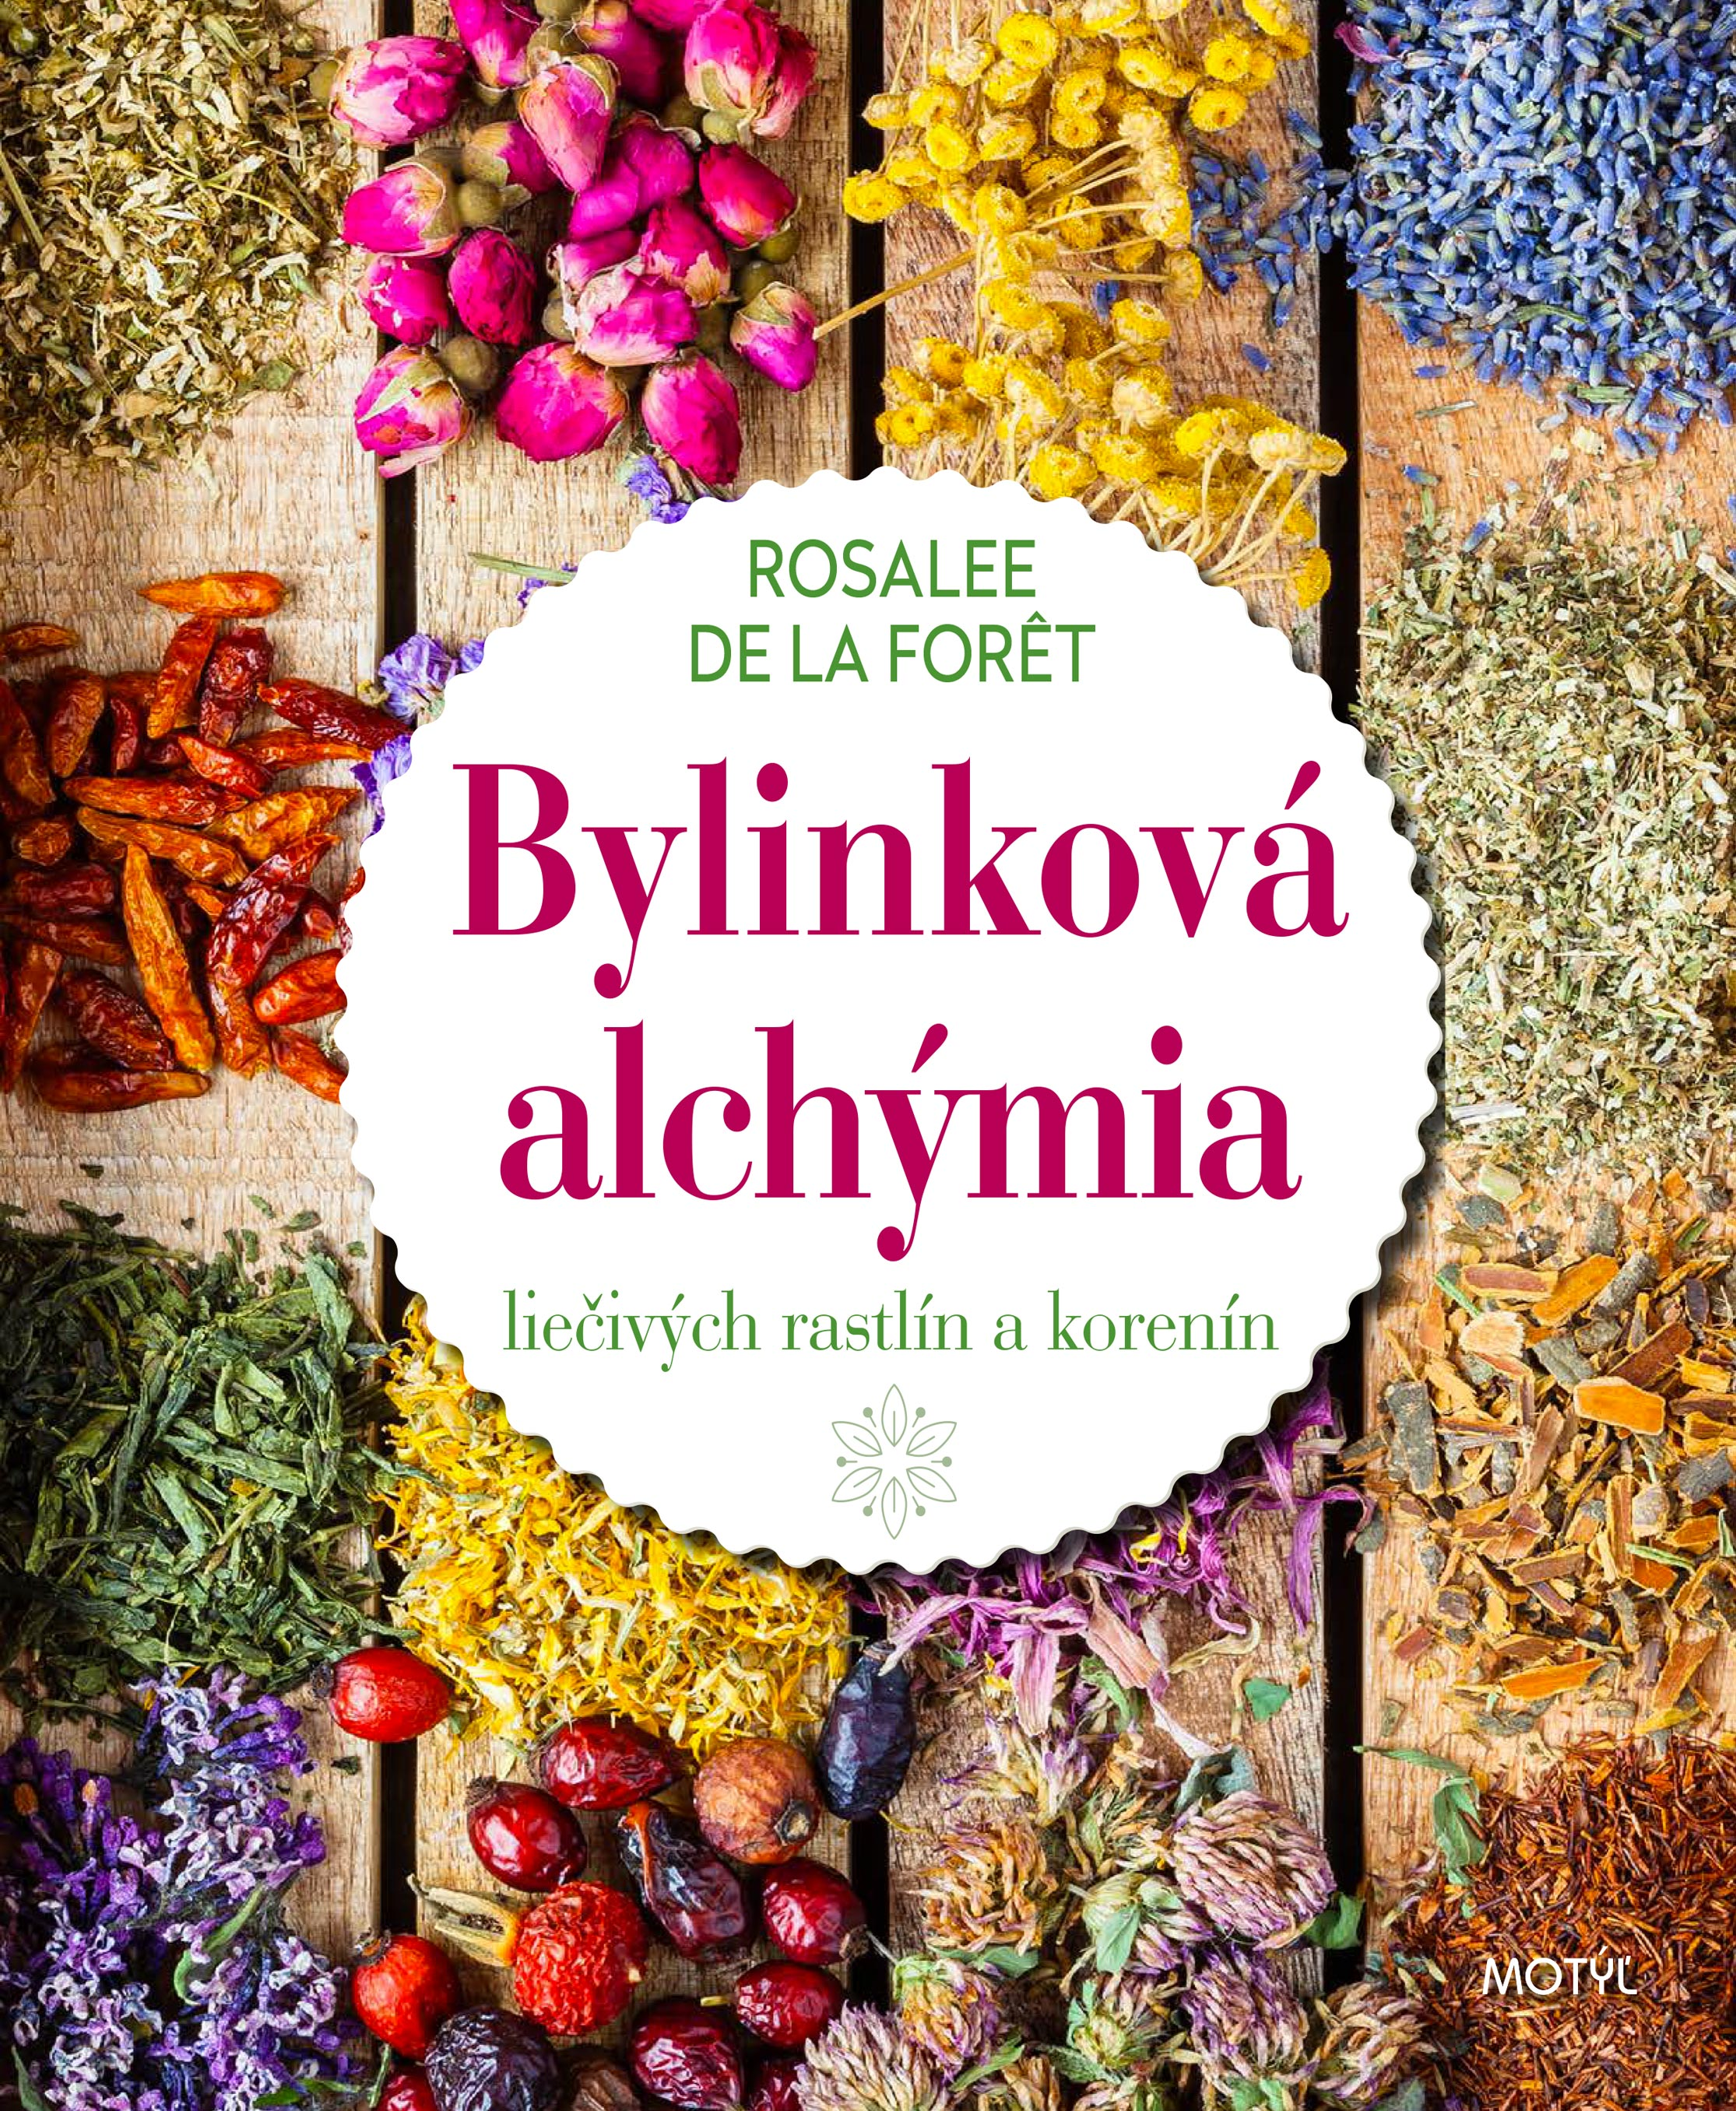 Bylinková alchýmia - liečivých rastlín a korenín